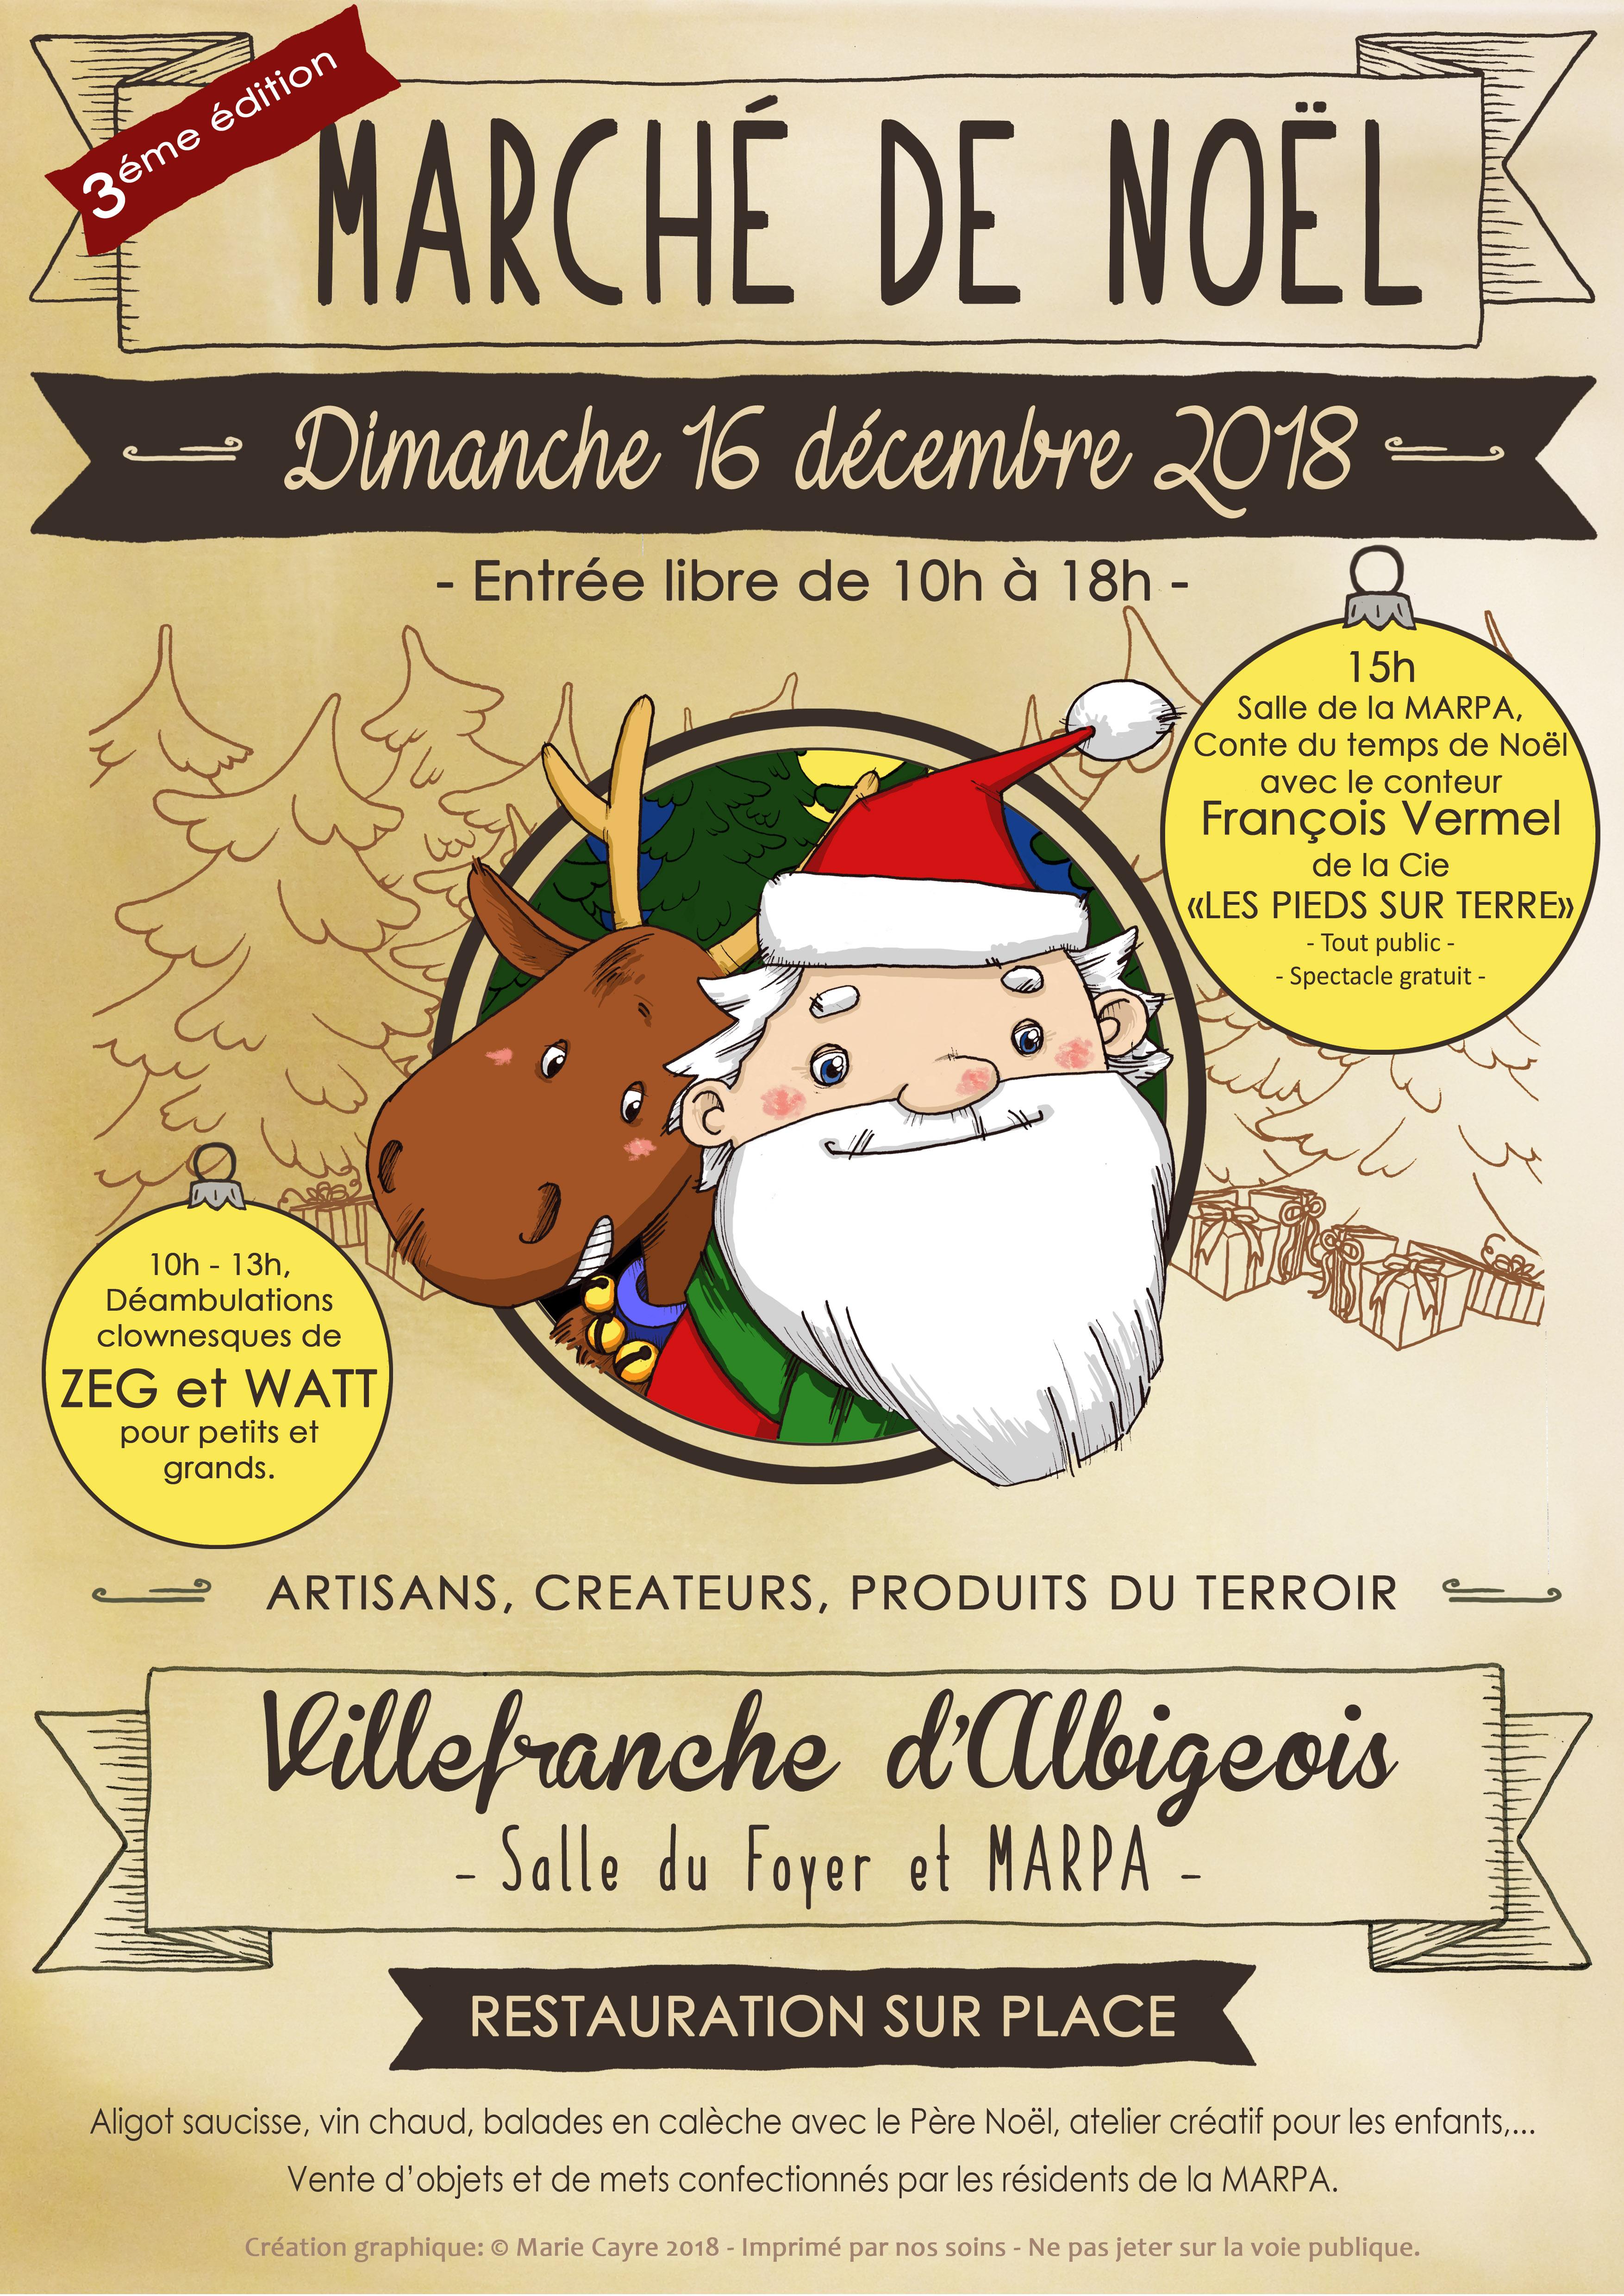 3ème édition du Marché de Noël des créateurs, artisans et producteurs